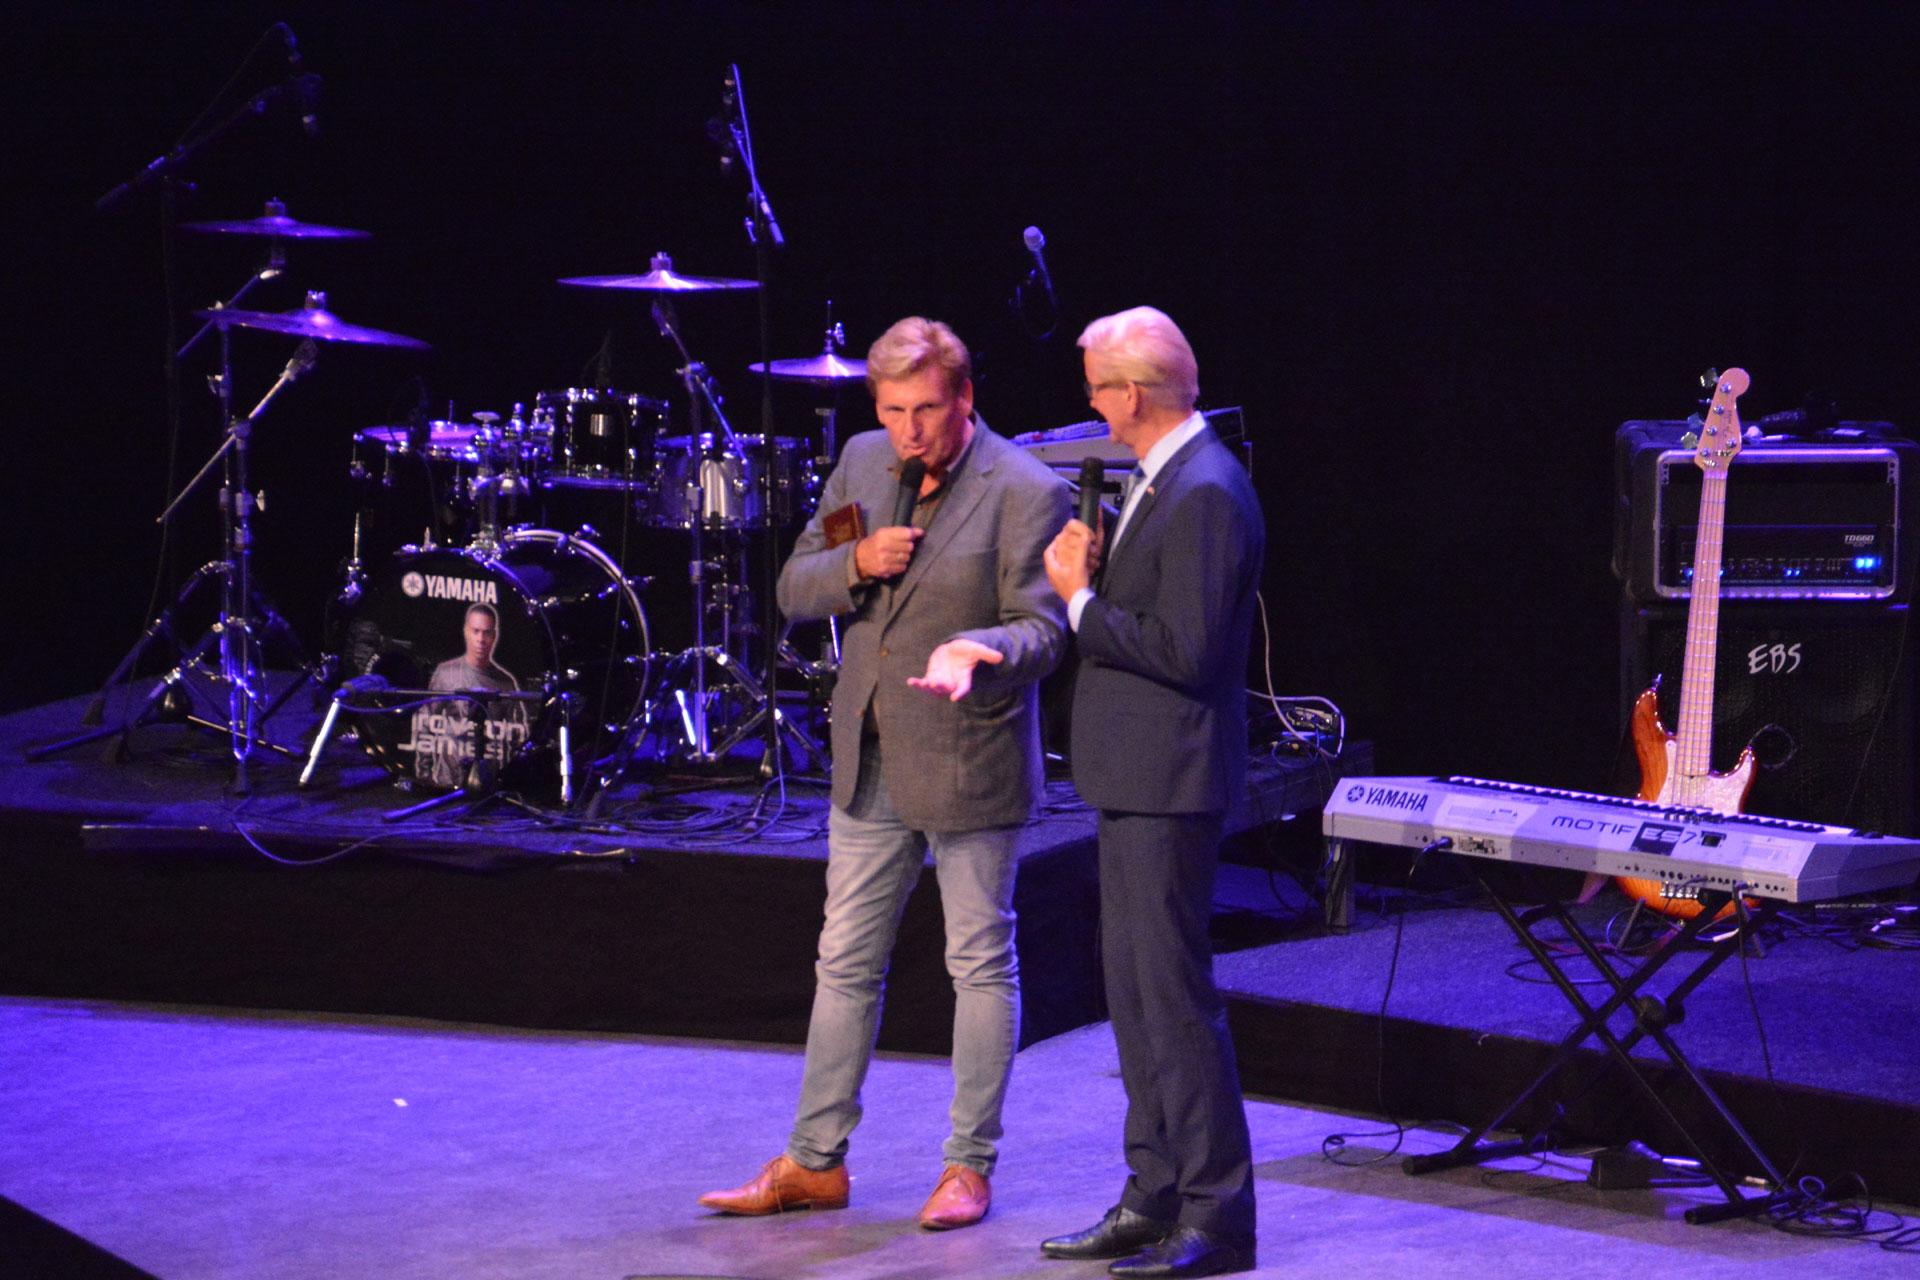 Henny Huisman & Jan van den Bosch